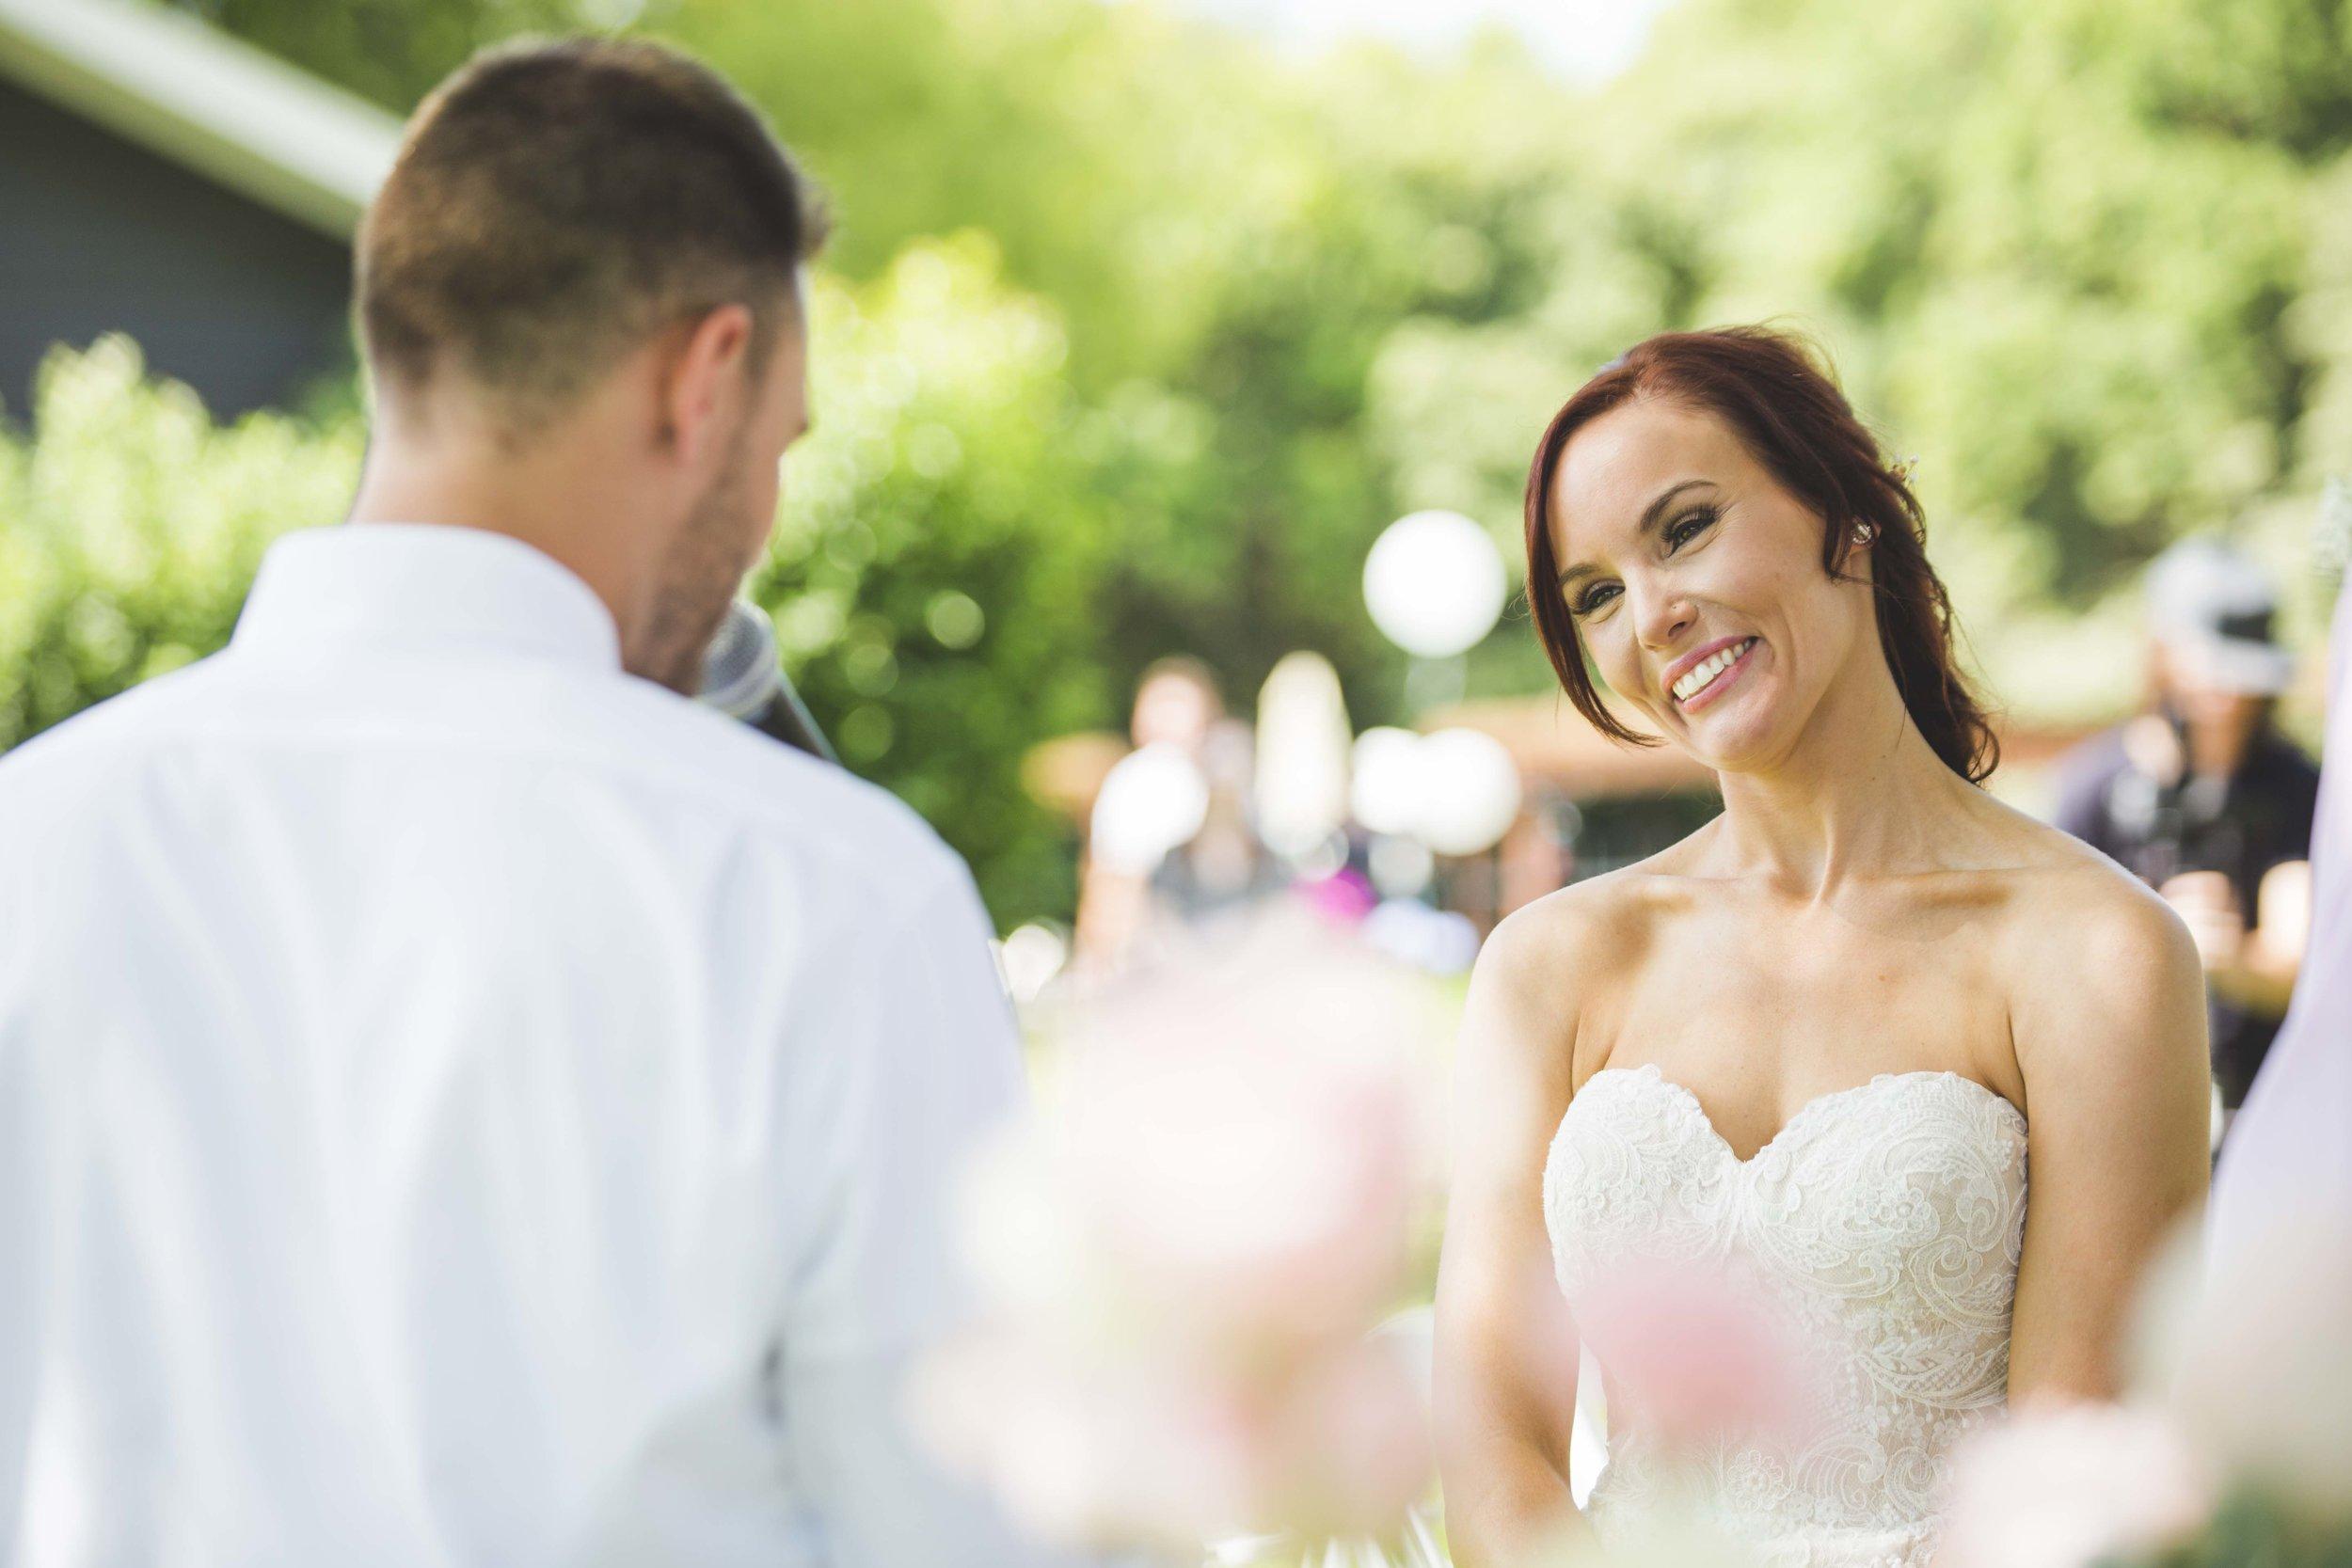 ATGI_Susanna & Matt Wedding_717A7765.jpg